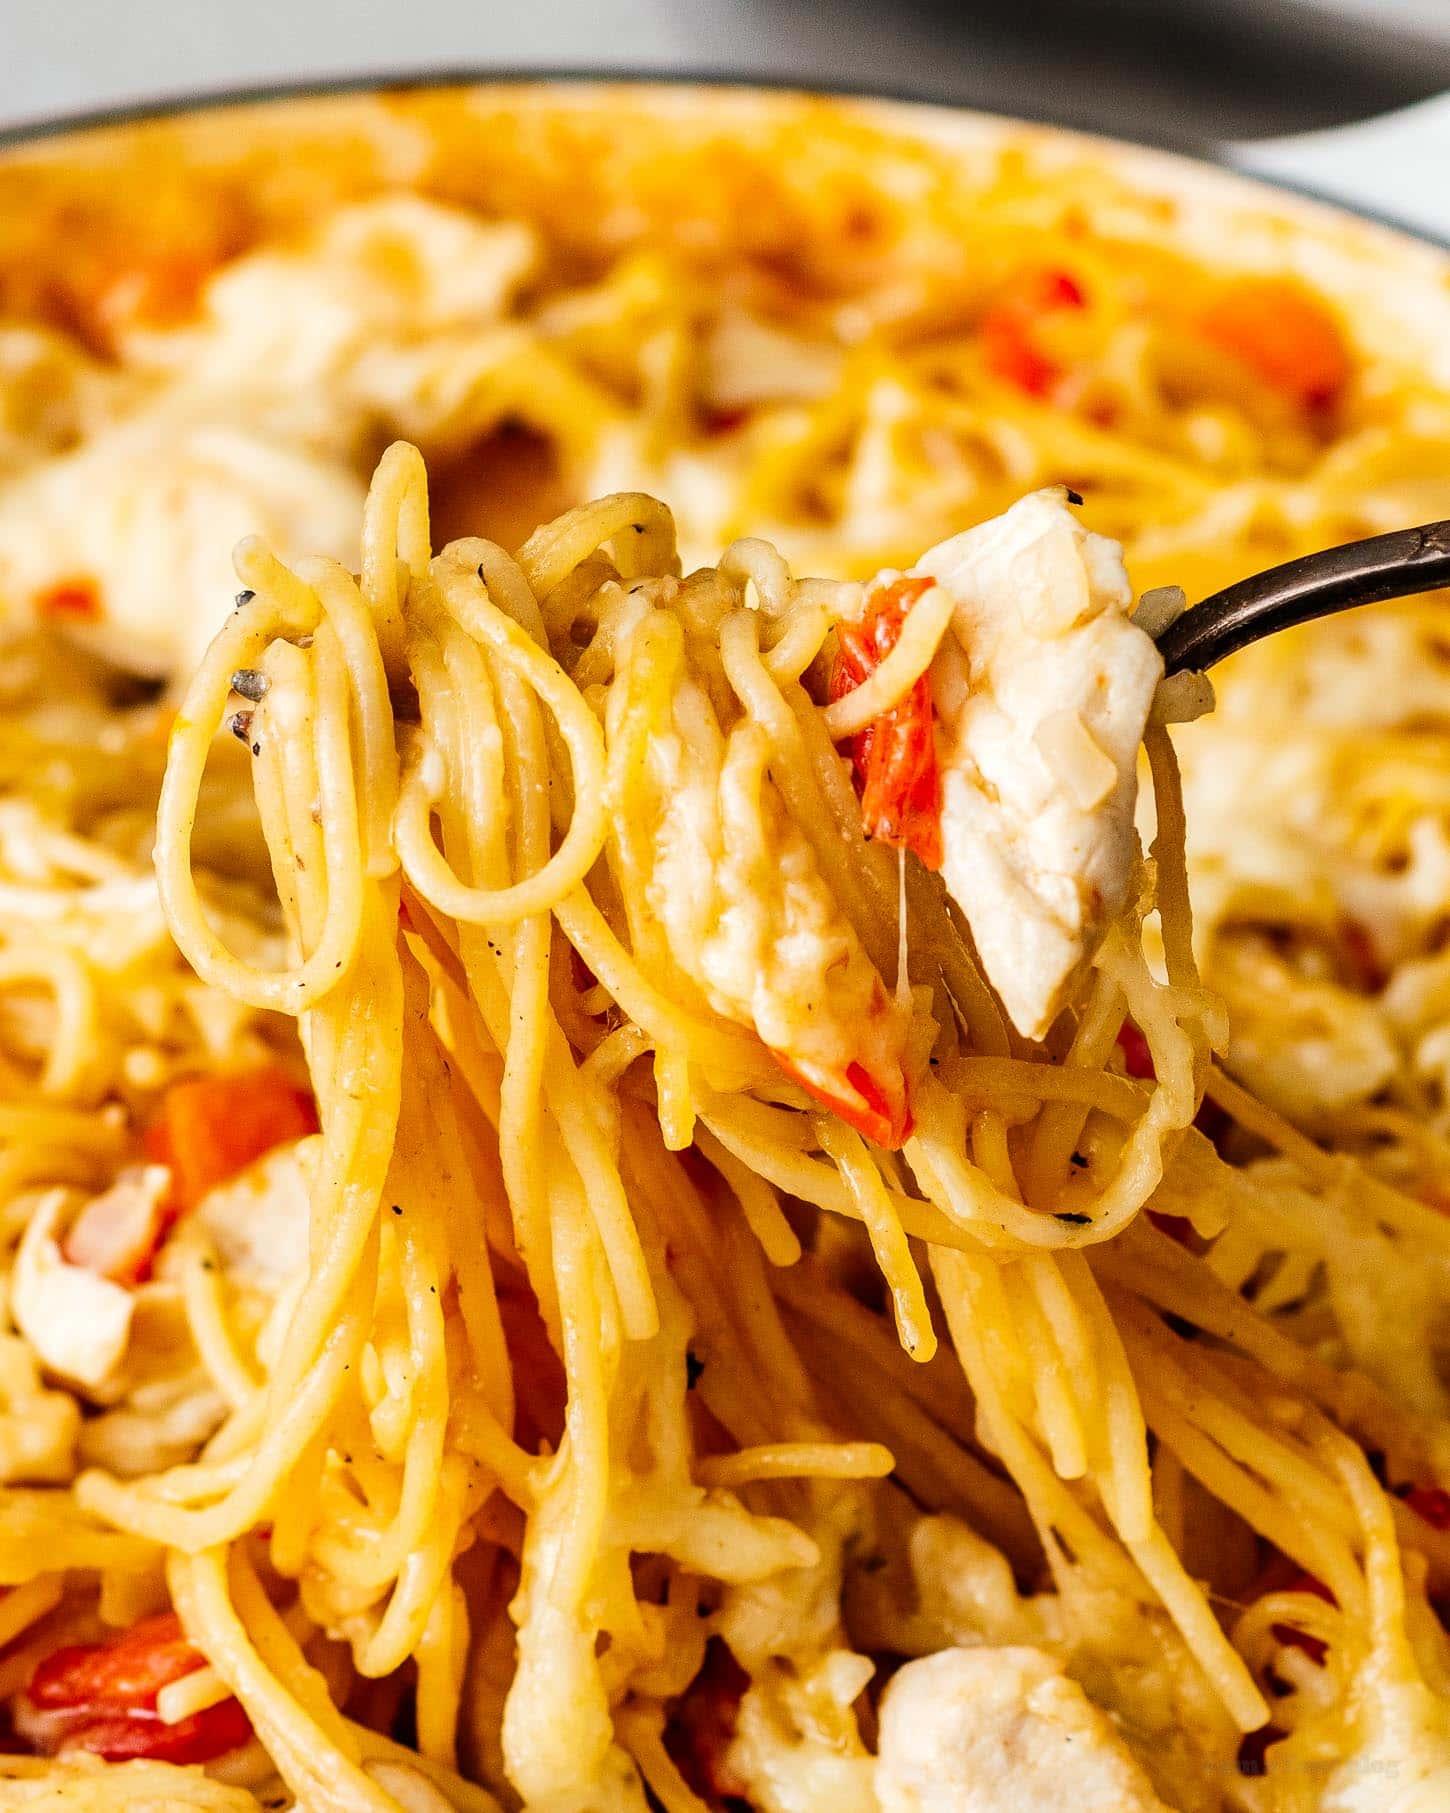 鸡肉意大利面食谱| www.www.cqsaimeng.com伟德国际娱乐红利